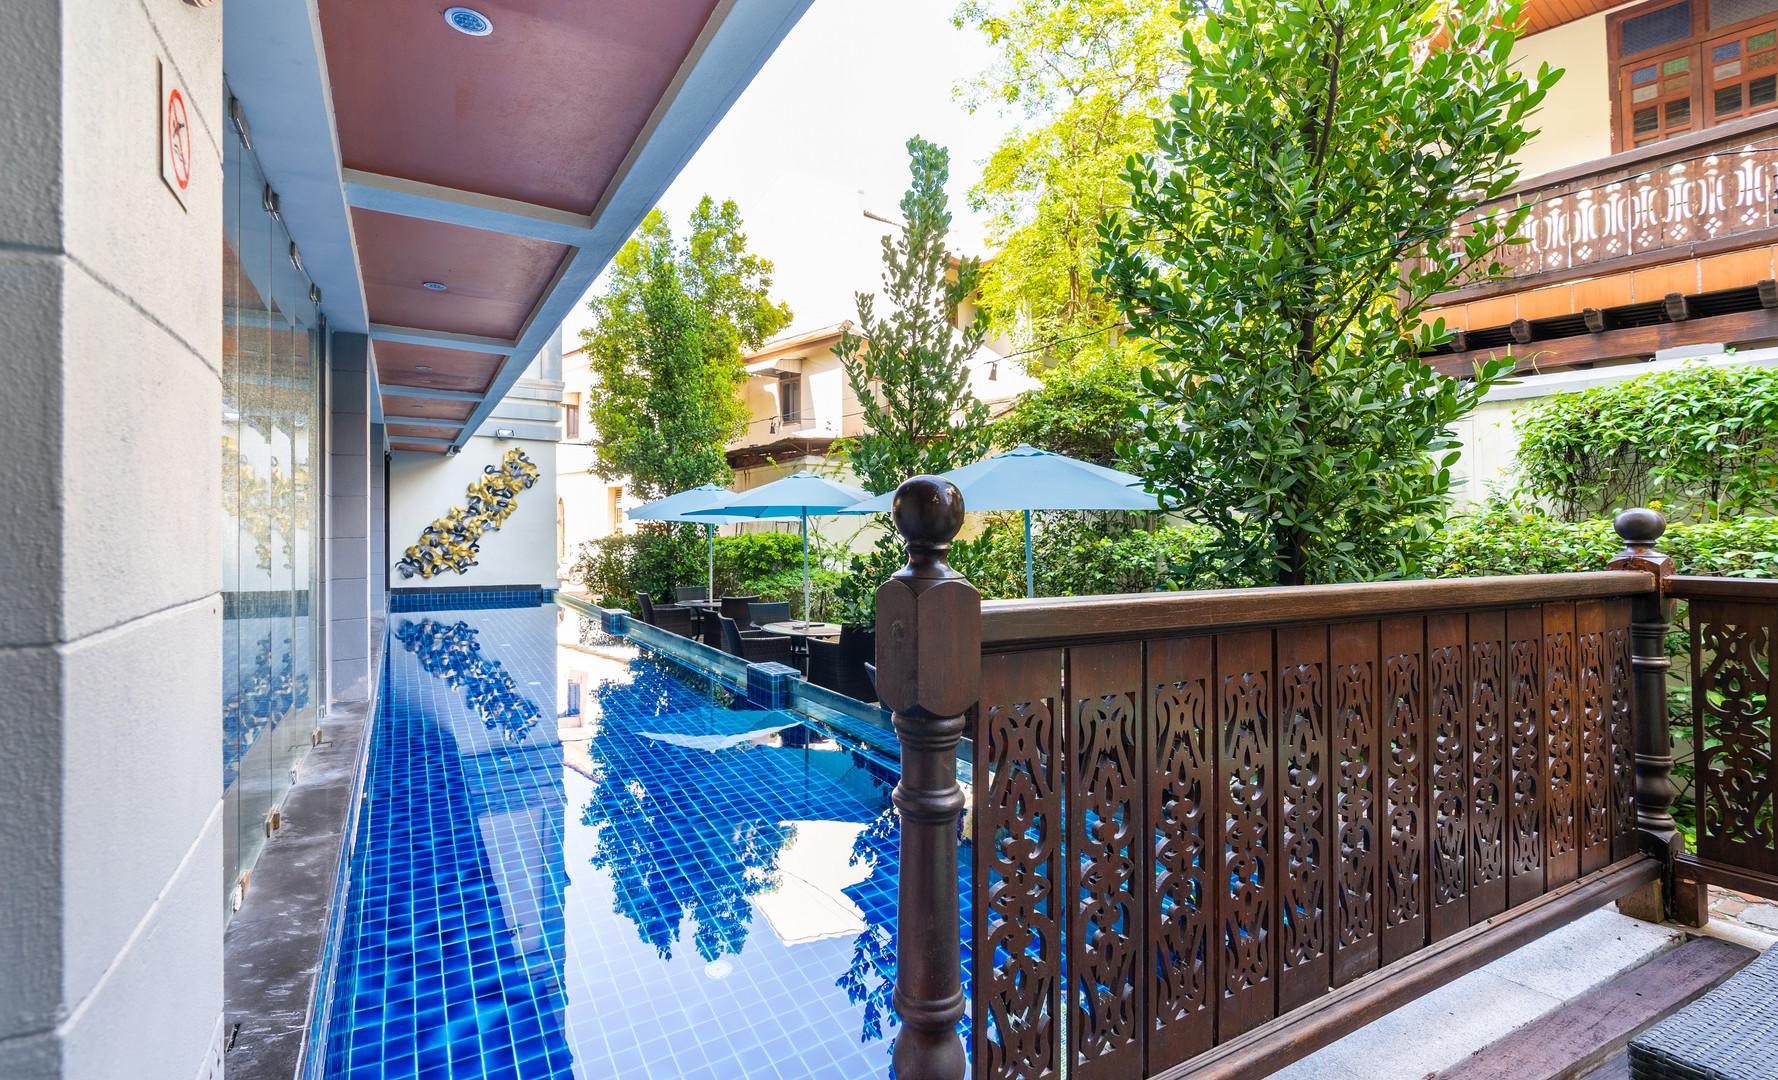 Hotel Penaga - Lap Pool (2)